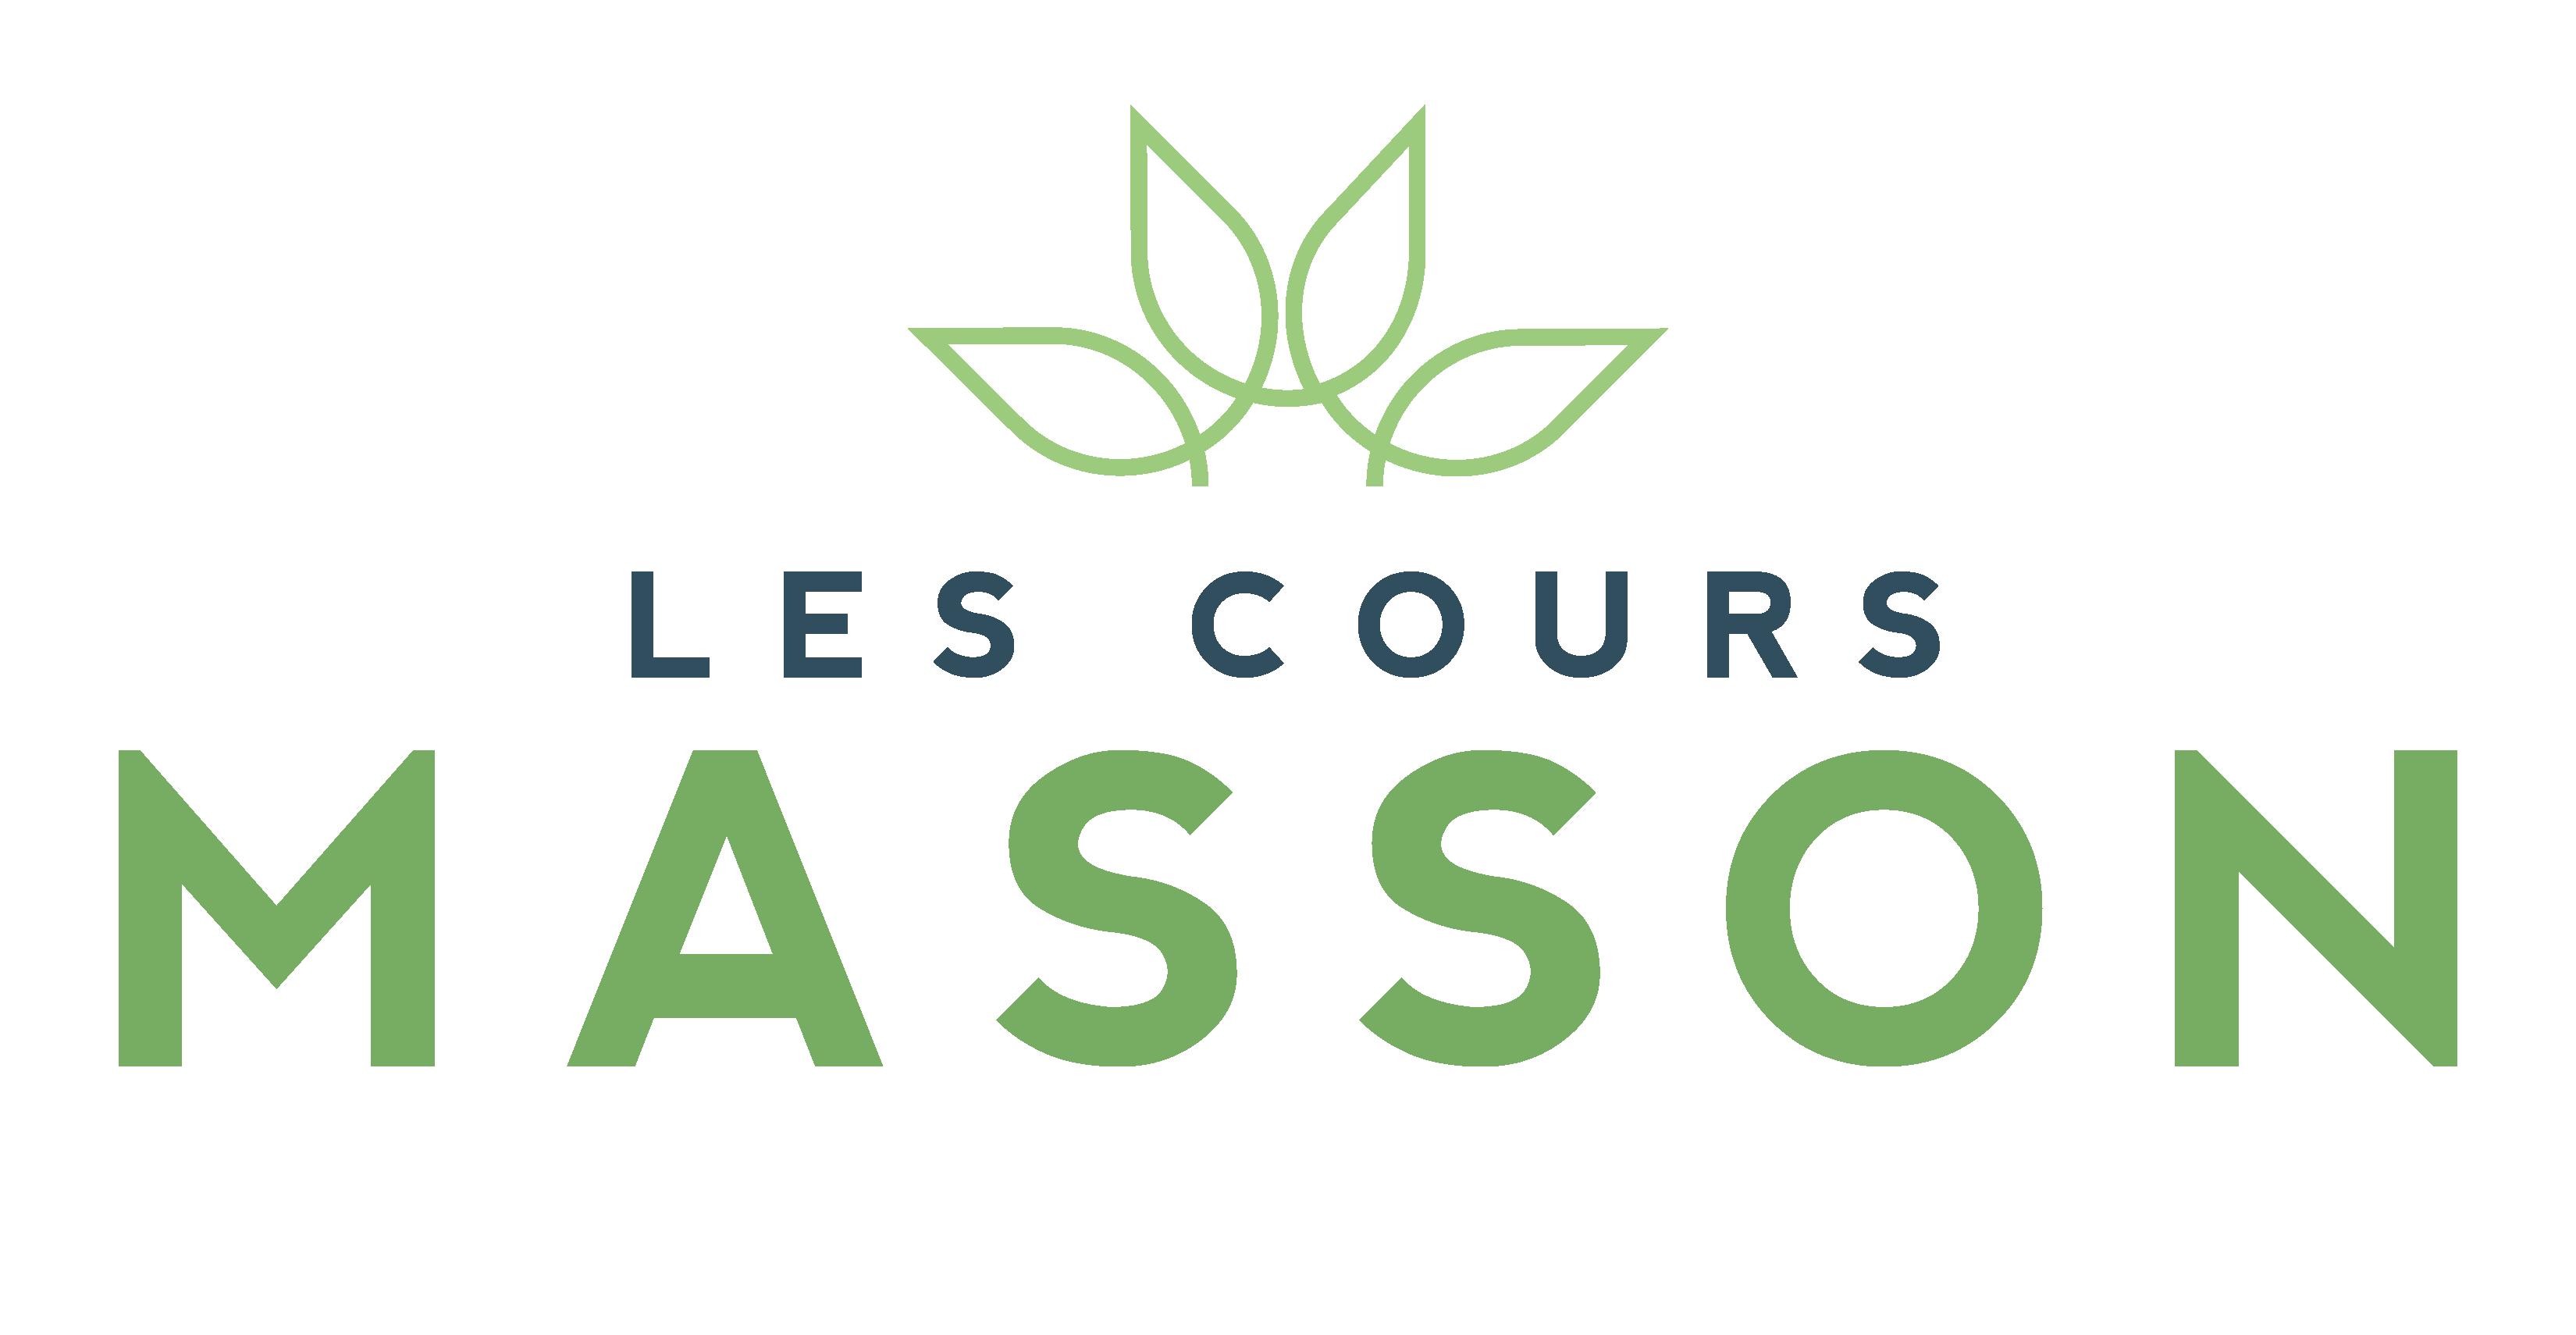 Les_Cours_Masson